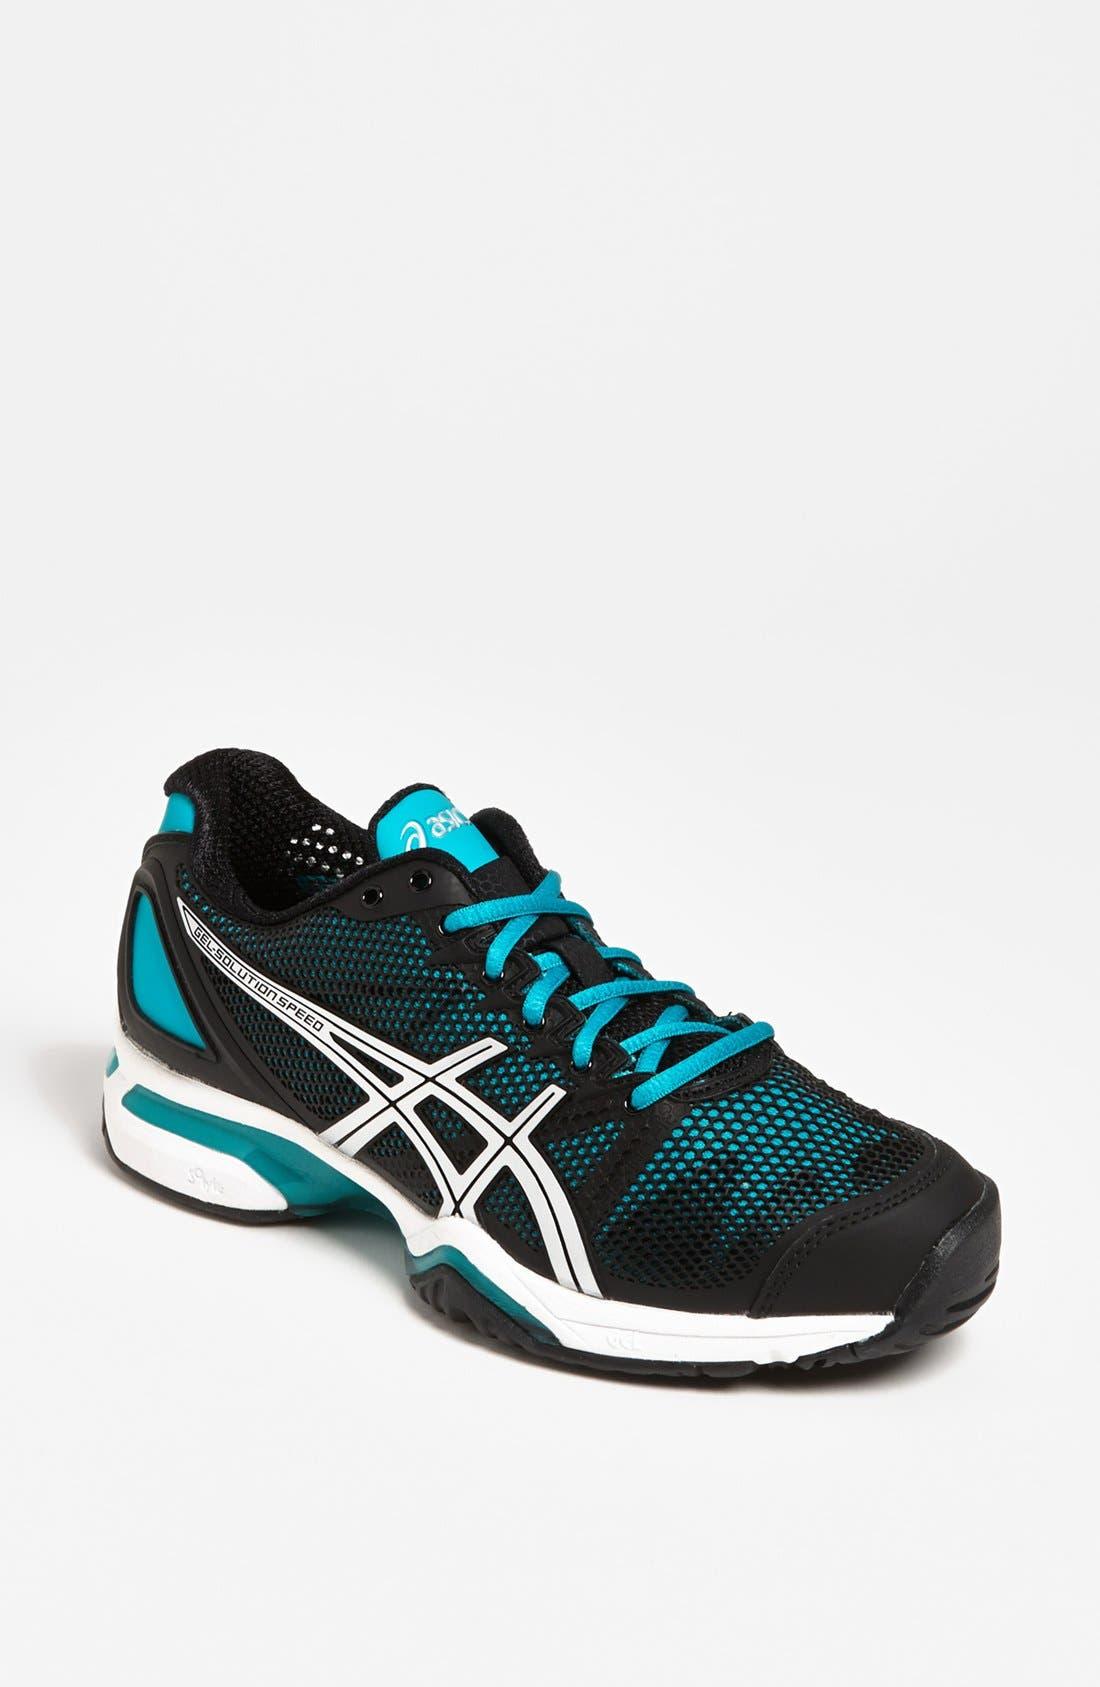 Alternate Image 1 Selected - ASICS® 'GEL-Solution Speed' Tennis Shoe (Women)(Regular Retail Price: $129.95)